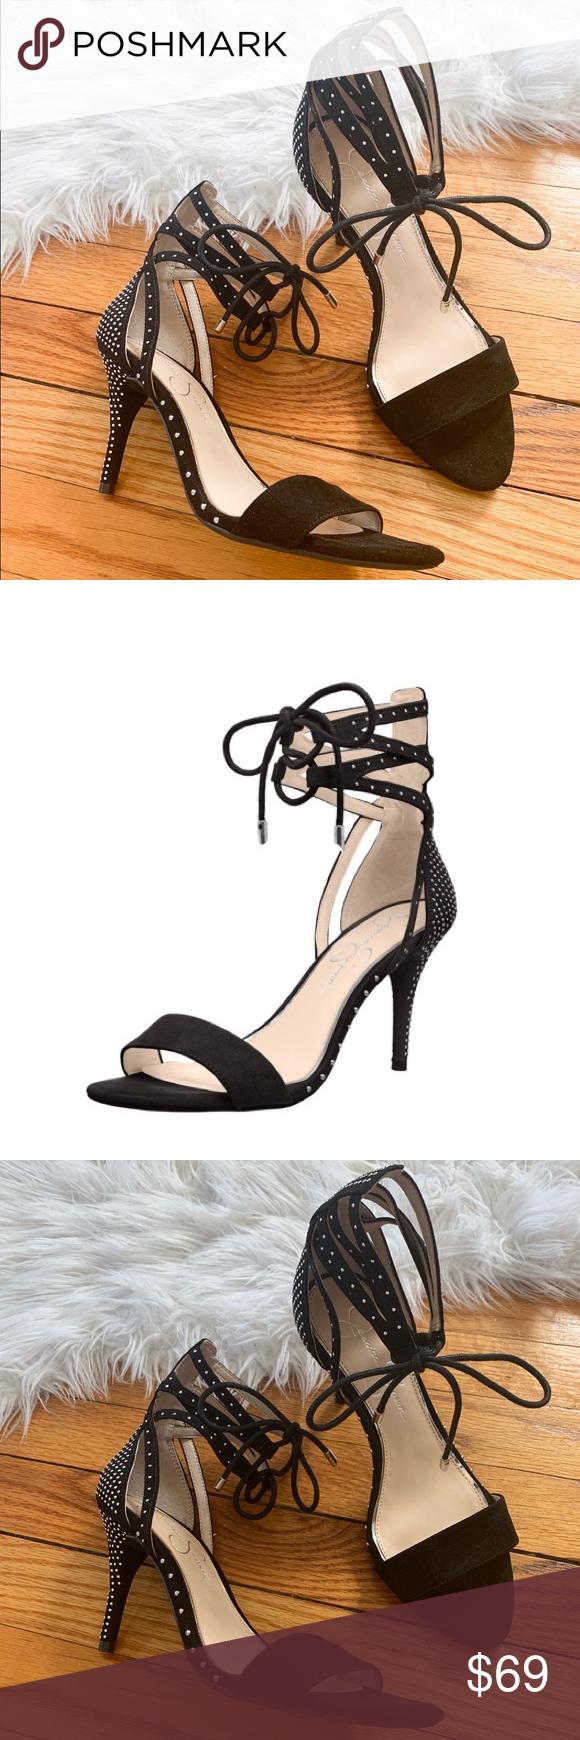 22e88924e3e4 Jessica Simpson Maevi Gladiator Sandal Brand New! Never worn! Jessica  Simpson Maevi Gladiator Sandal